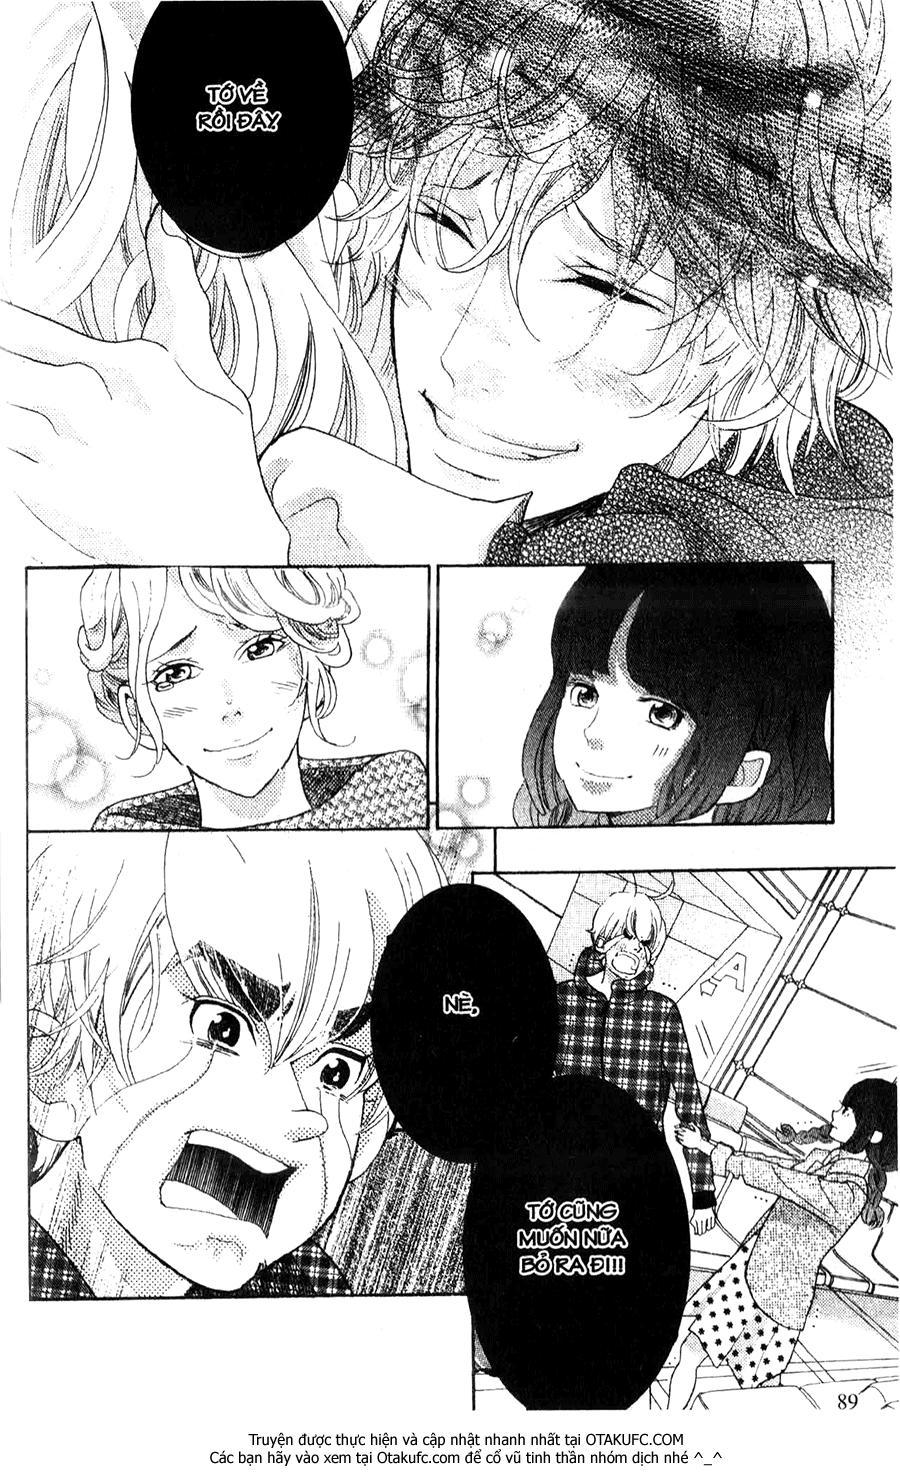 Kyou no kira kun: Chapter 32